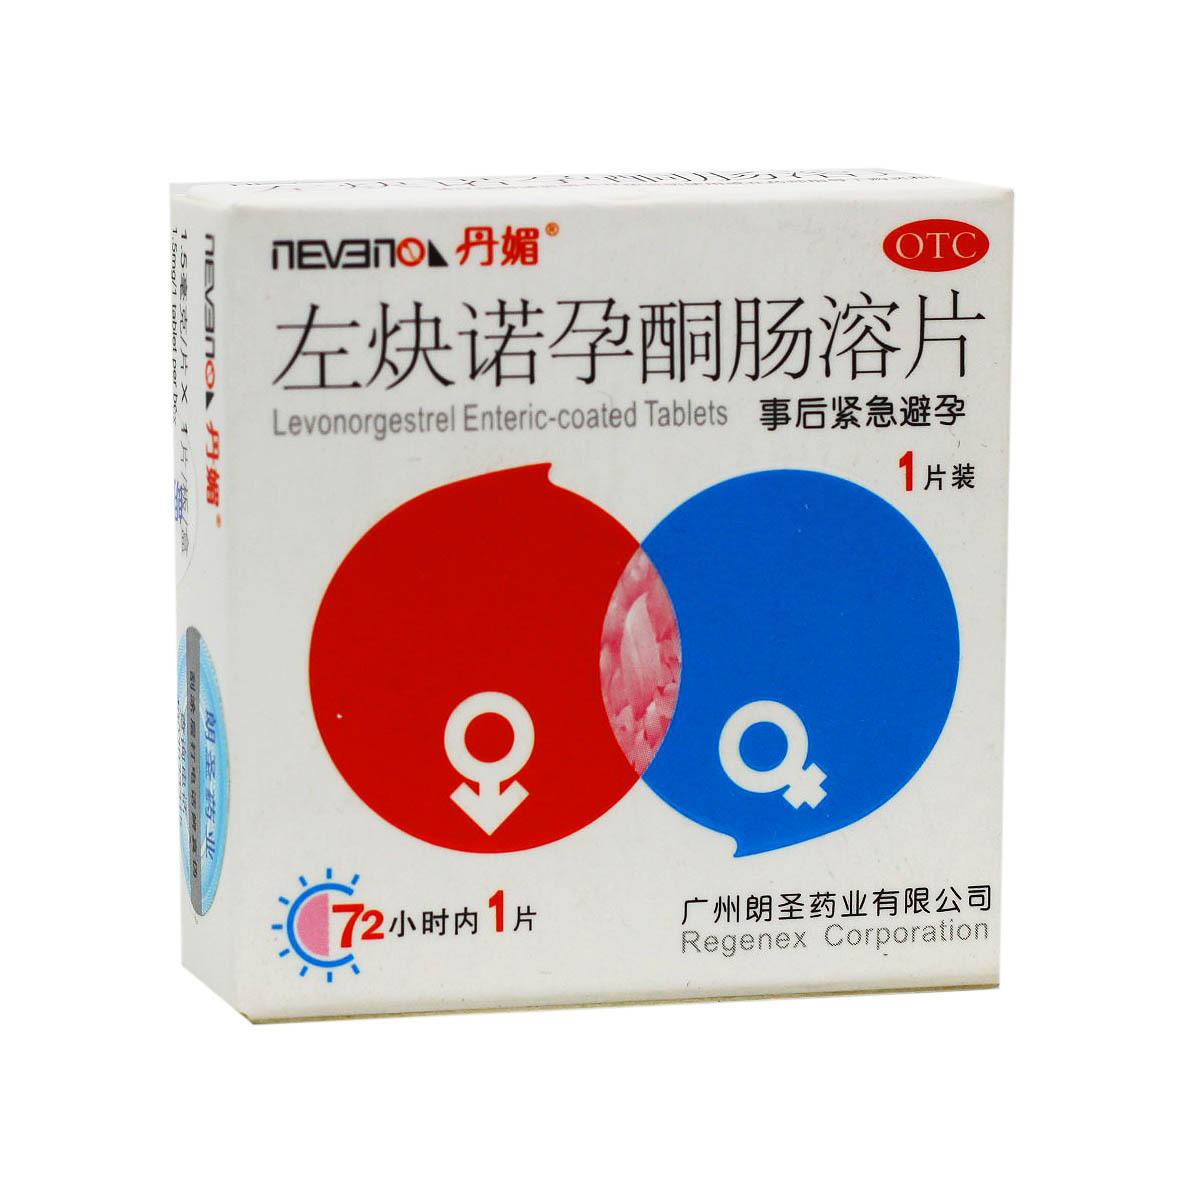 [¥39.8]丹媚左炔诺孕酮肠溶片1片/盒避孕药女事后短效避孕药紧急72小时